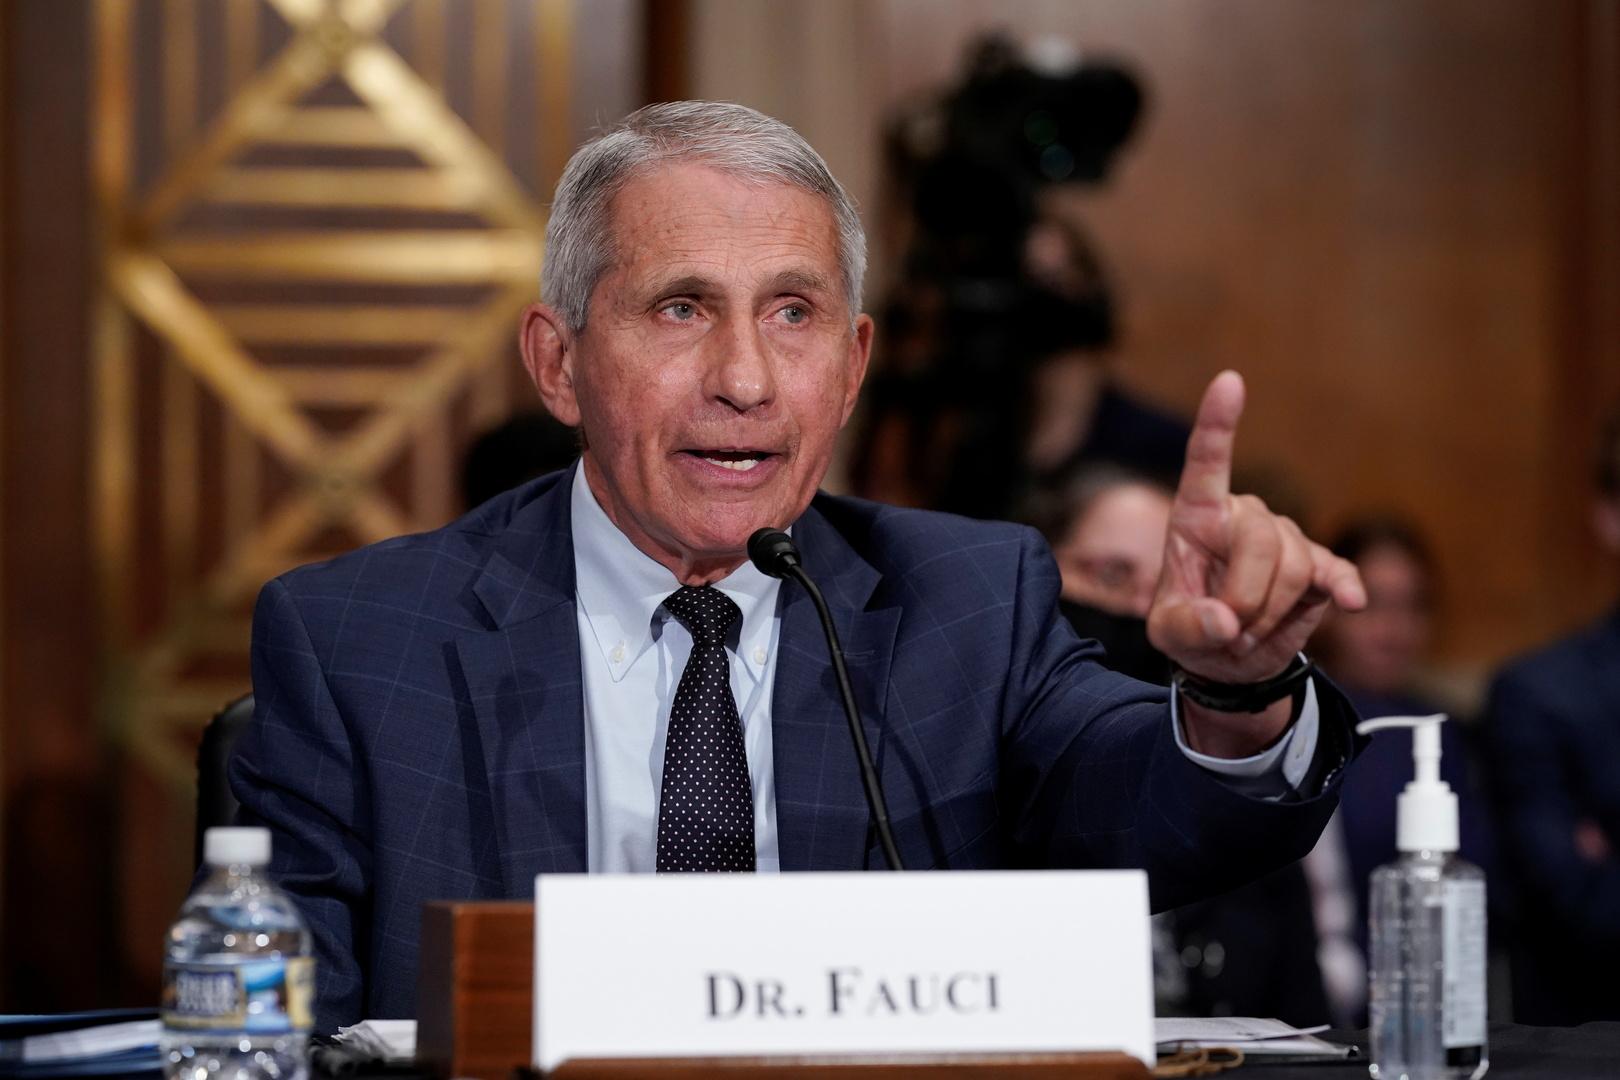 فاوتشي: بعض الأمريكيين قد يحتاجون إلى جرعة معززة من اللقاحات ضد كورونا